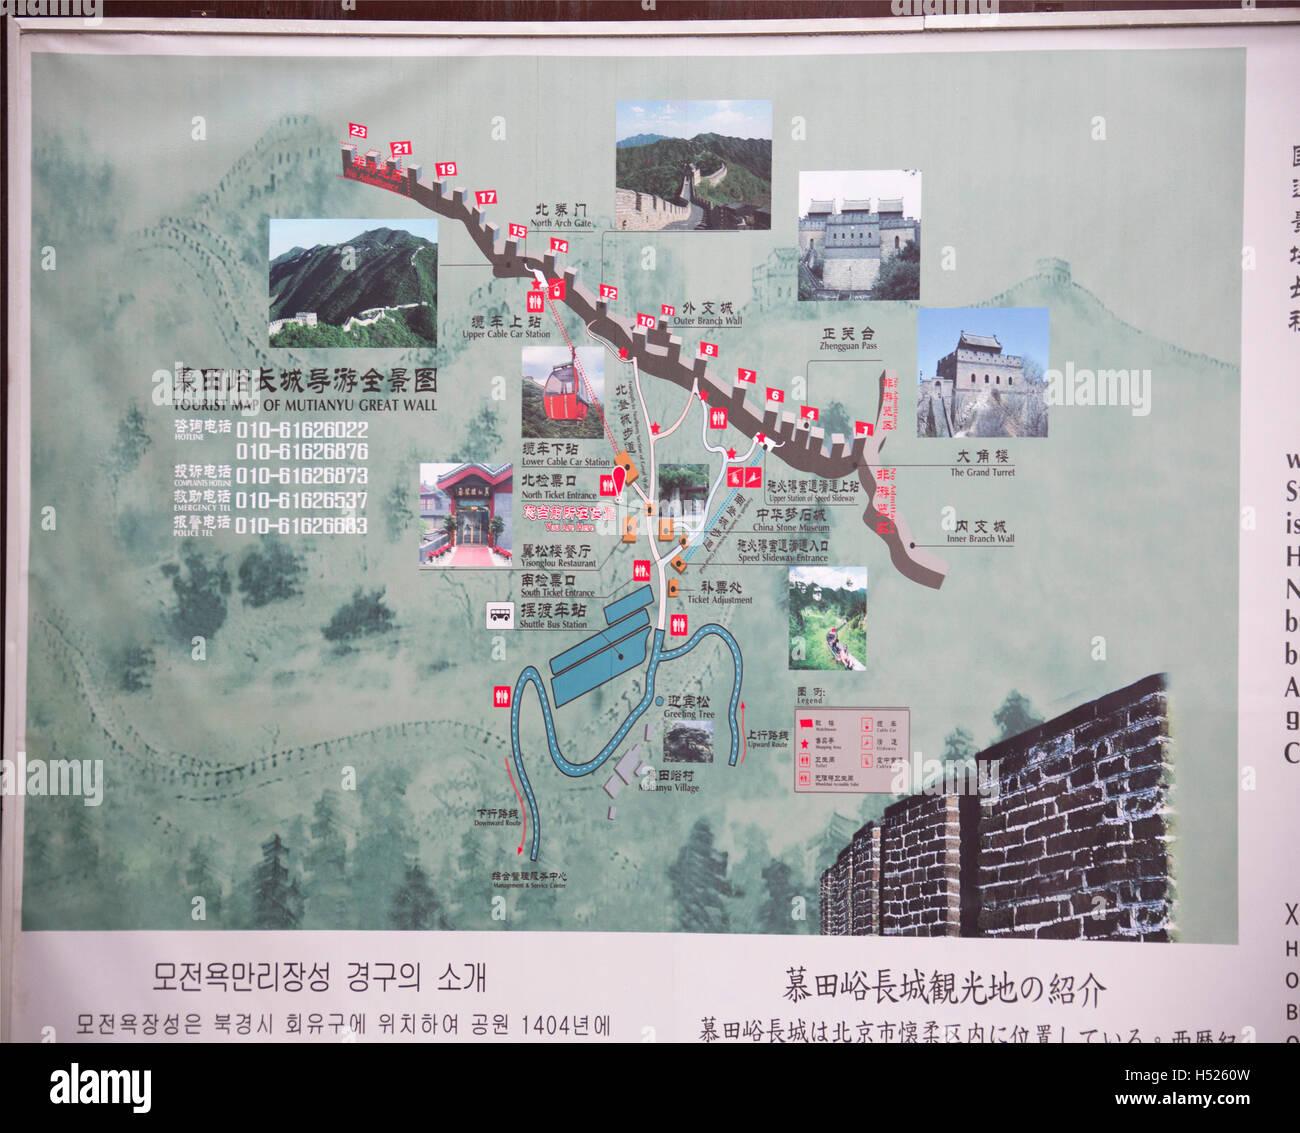 Great wall of china map signpost at mutianyu near beijing china great wall of china map signpost at mutianyu near beijing china gumiabroncs Gallery